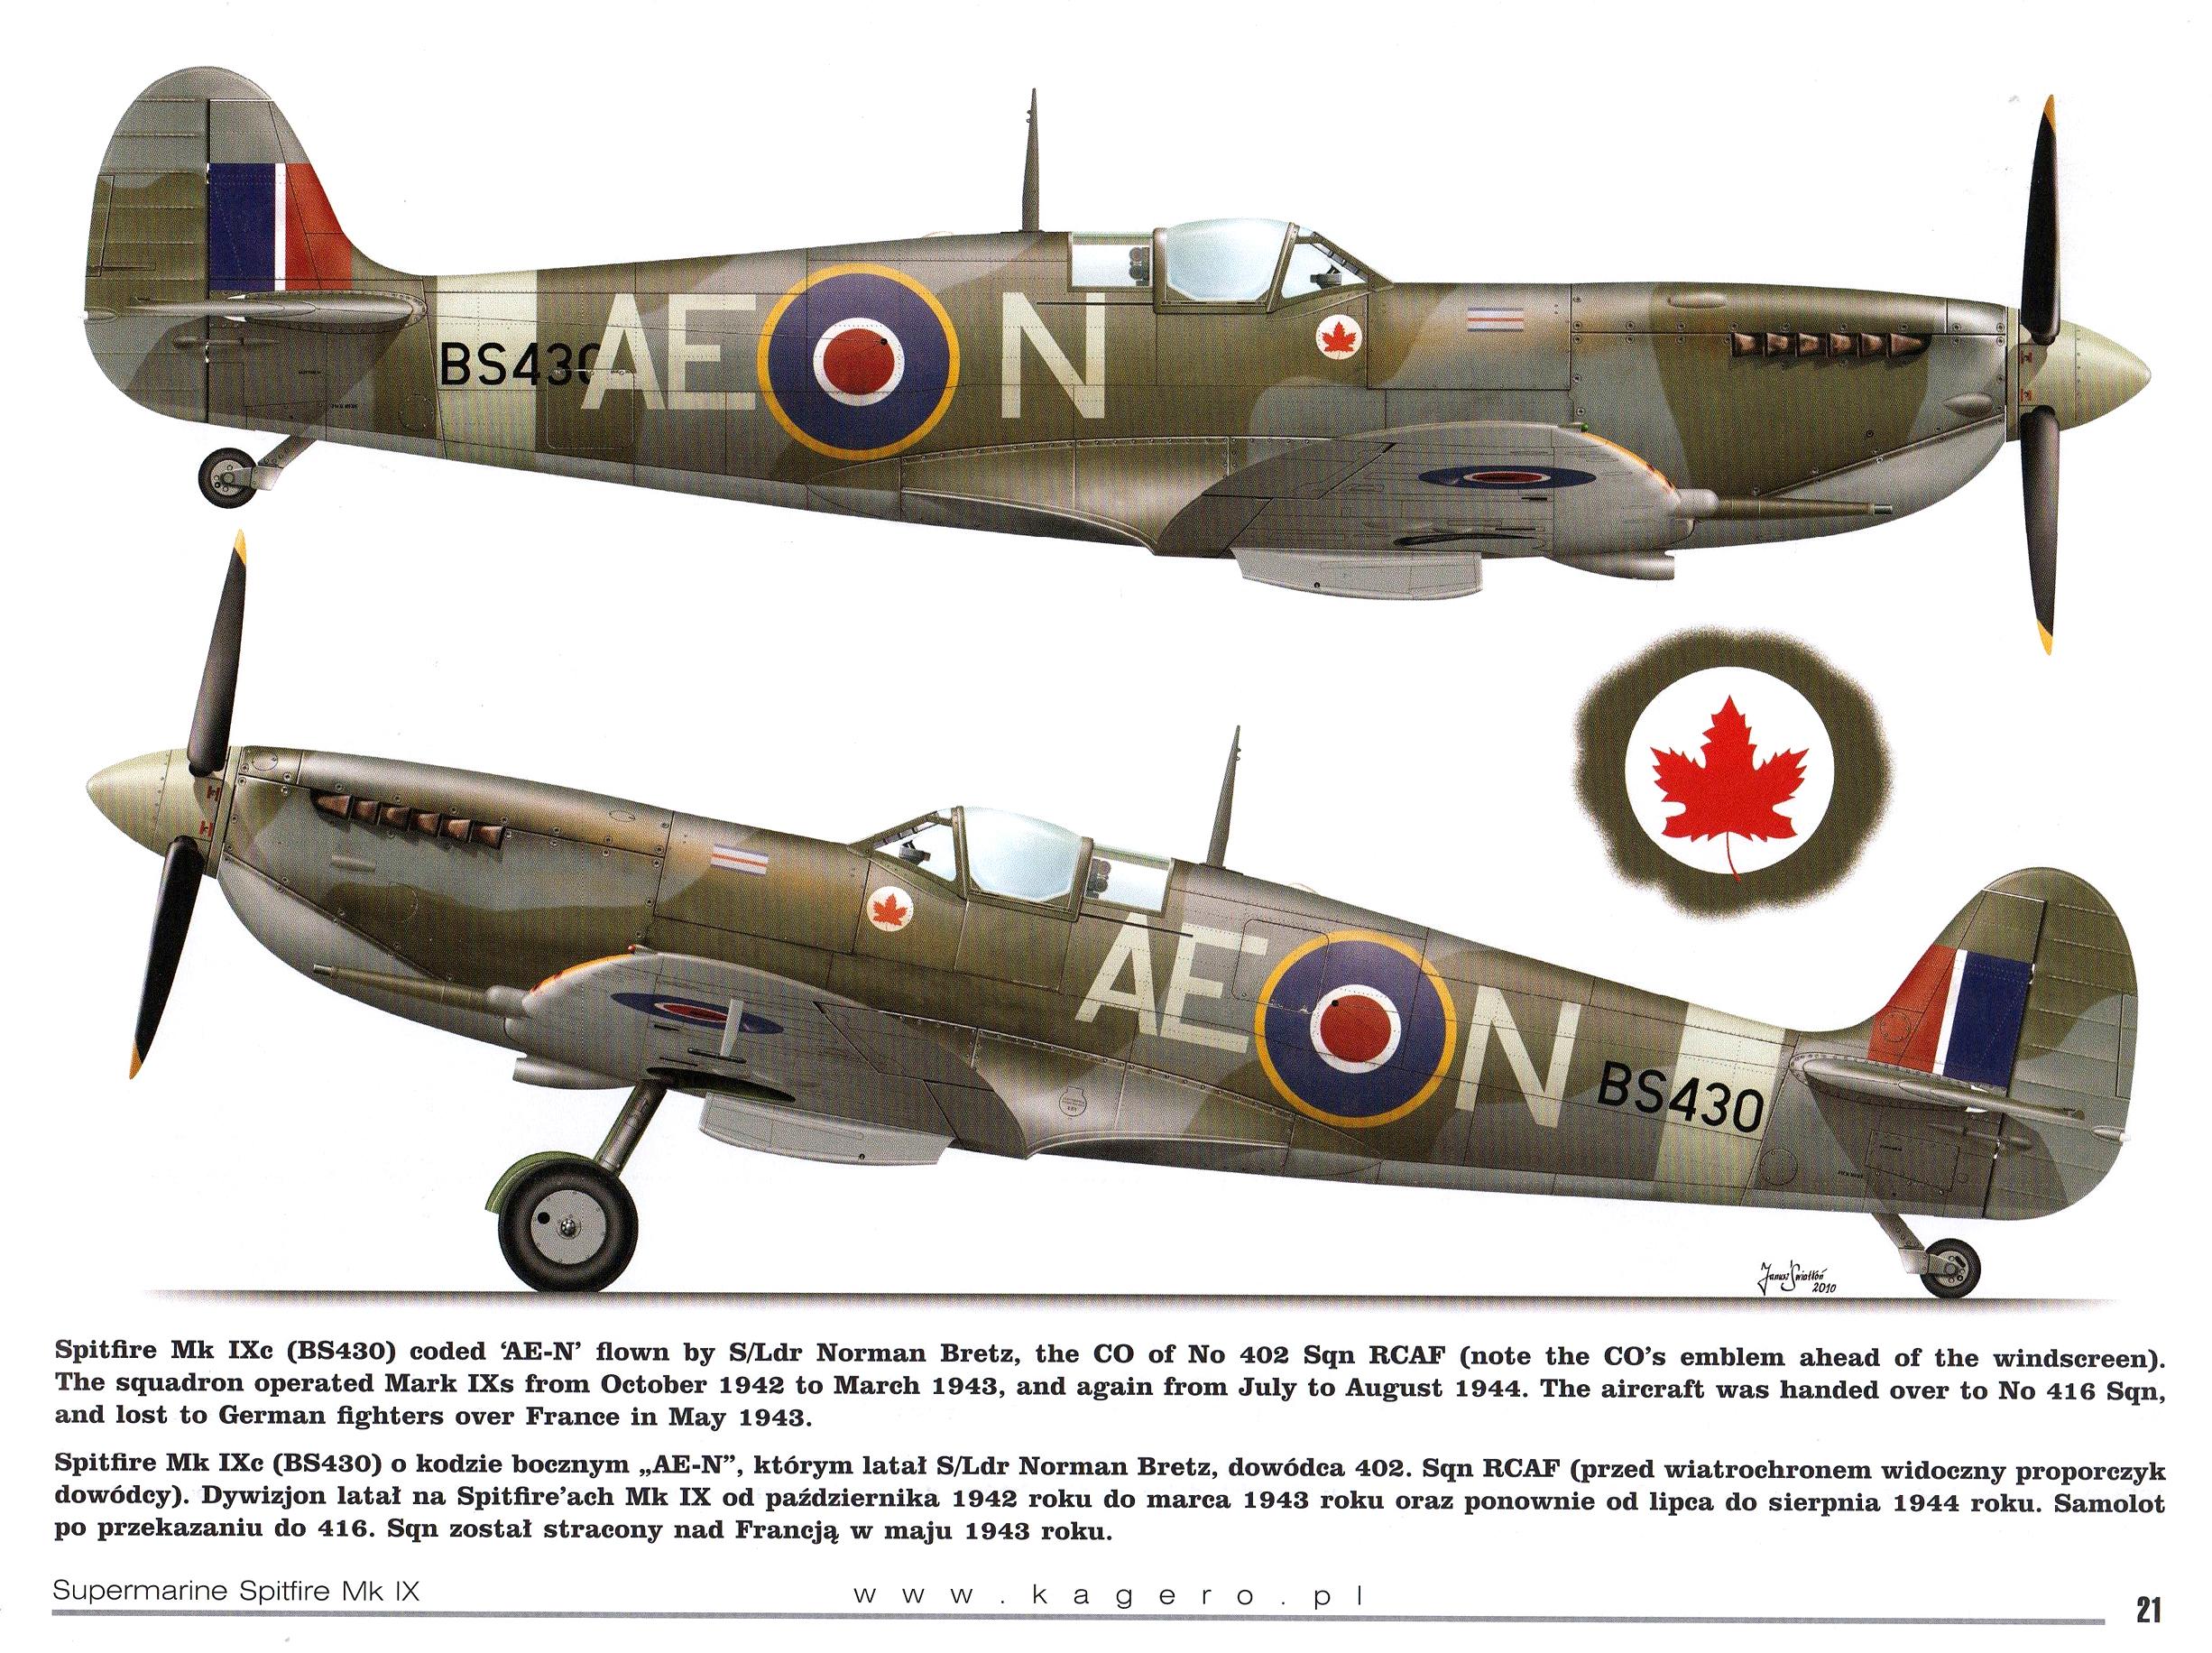 Spitfire MkIXc RCAF 402Sqn AEN SLdr Norman Bretz BS430 1942 TC15015 Supermarine Spitfire MkIX Page 21